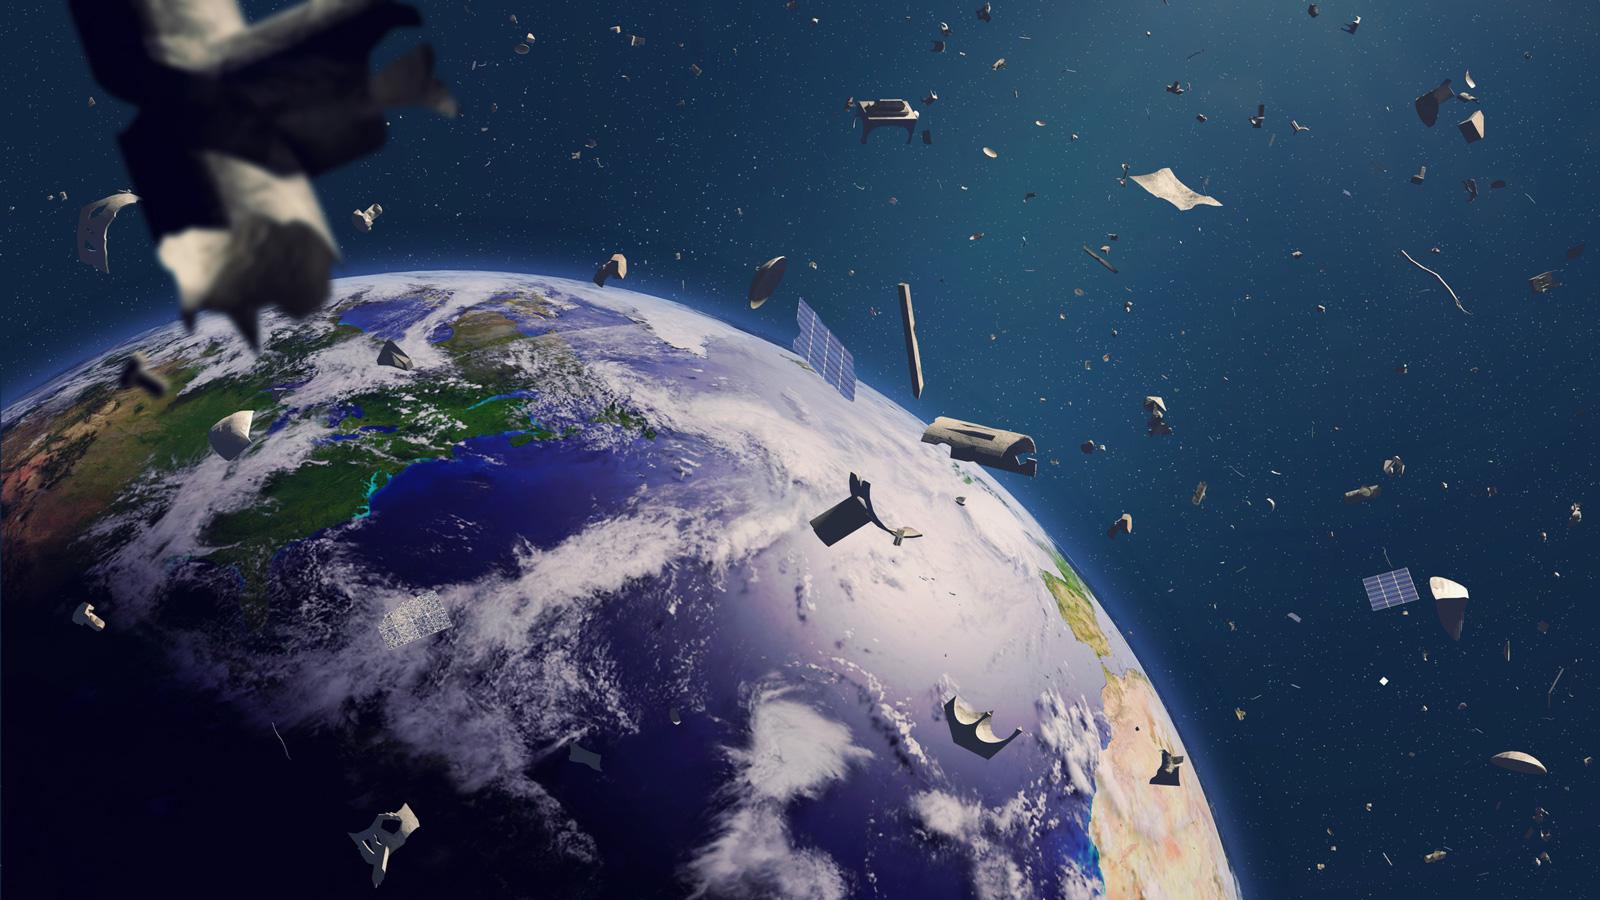 Menschen vermüllen auch den Weltraum